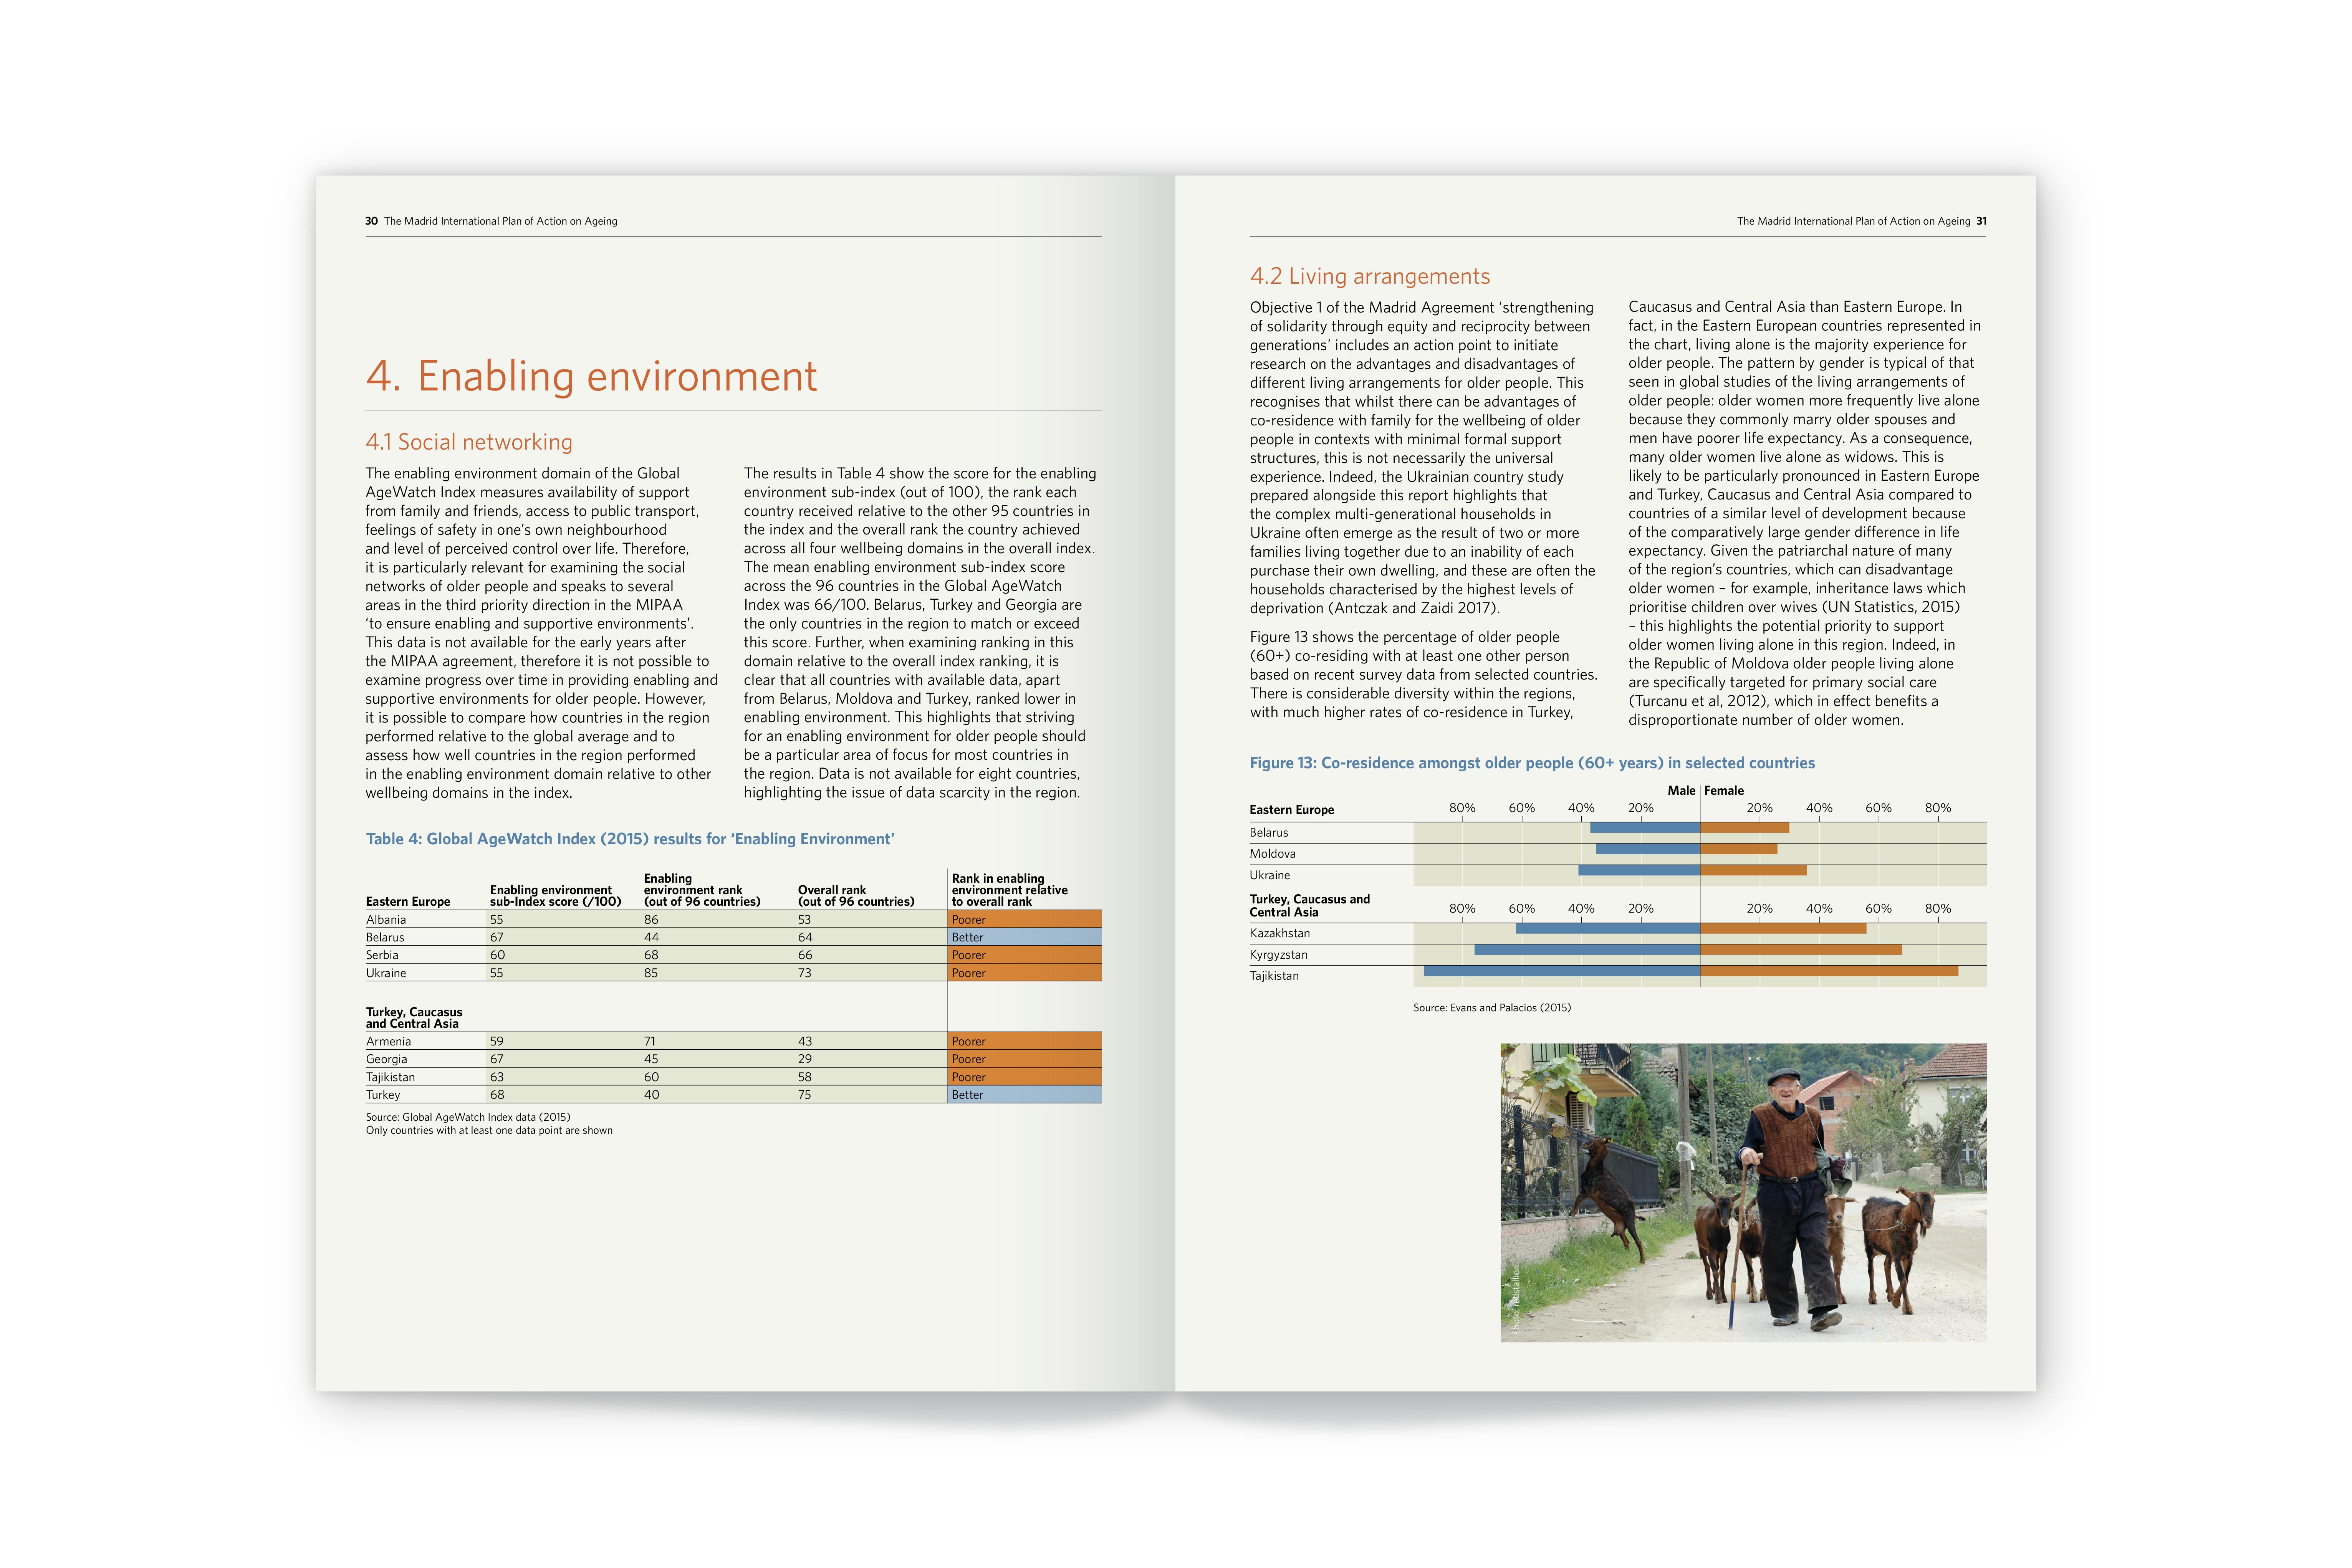 UNFPA report